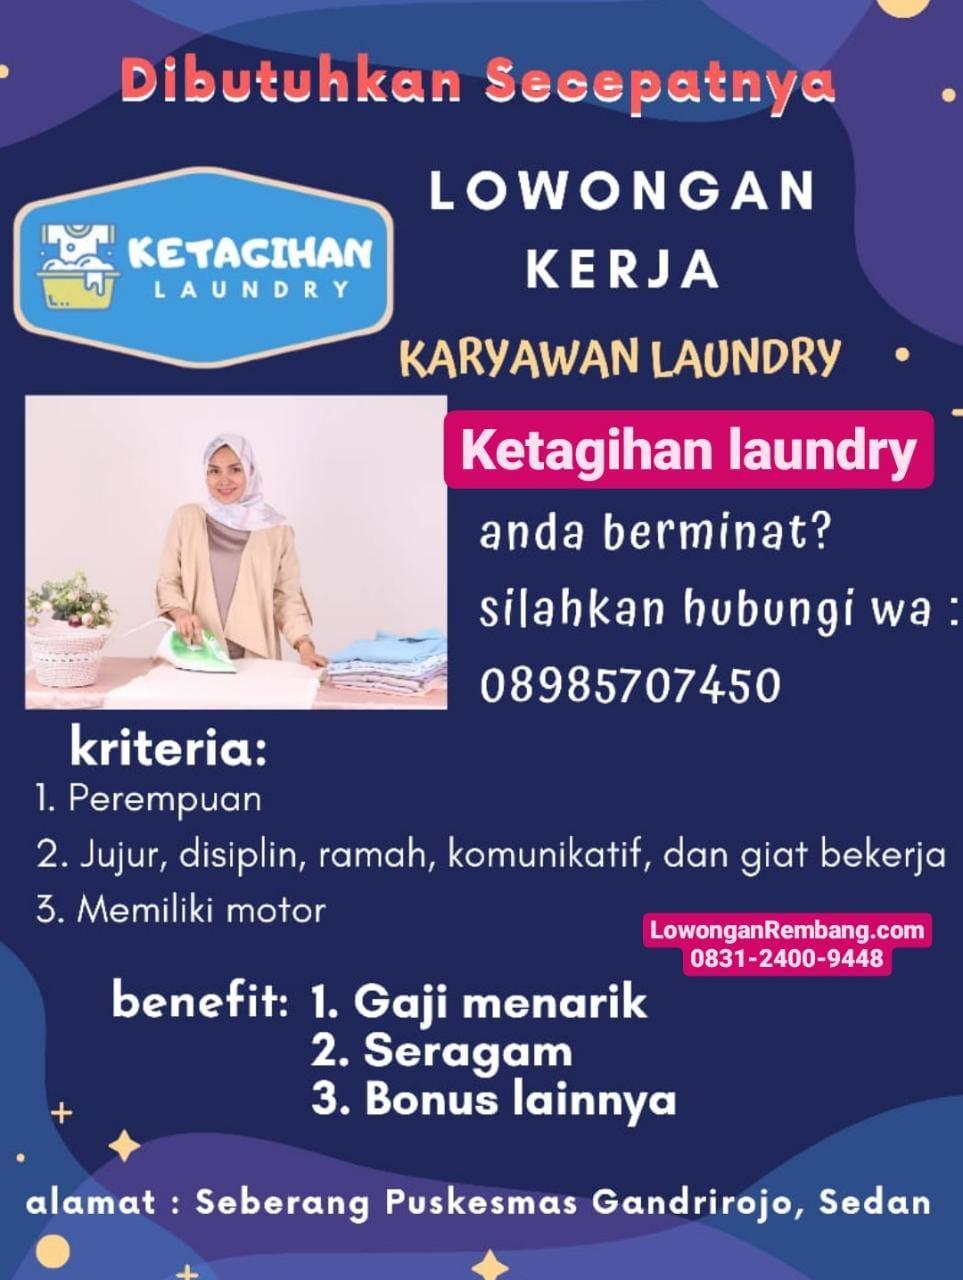 Lowongan Kerja Ketagihan Laundry Gandrirojo Sedan Rembang Tanpa Syarat Pendidikan